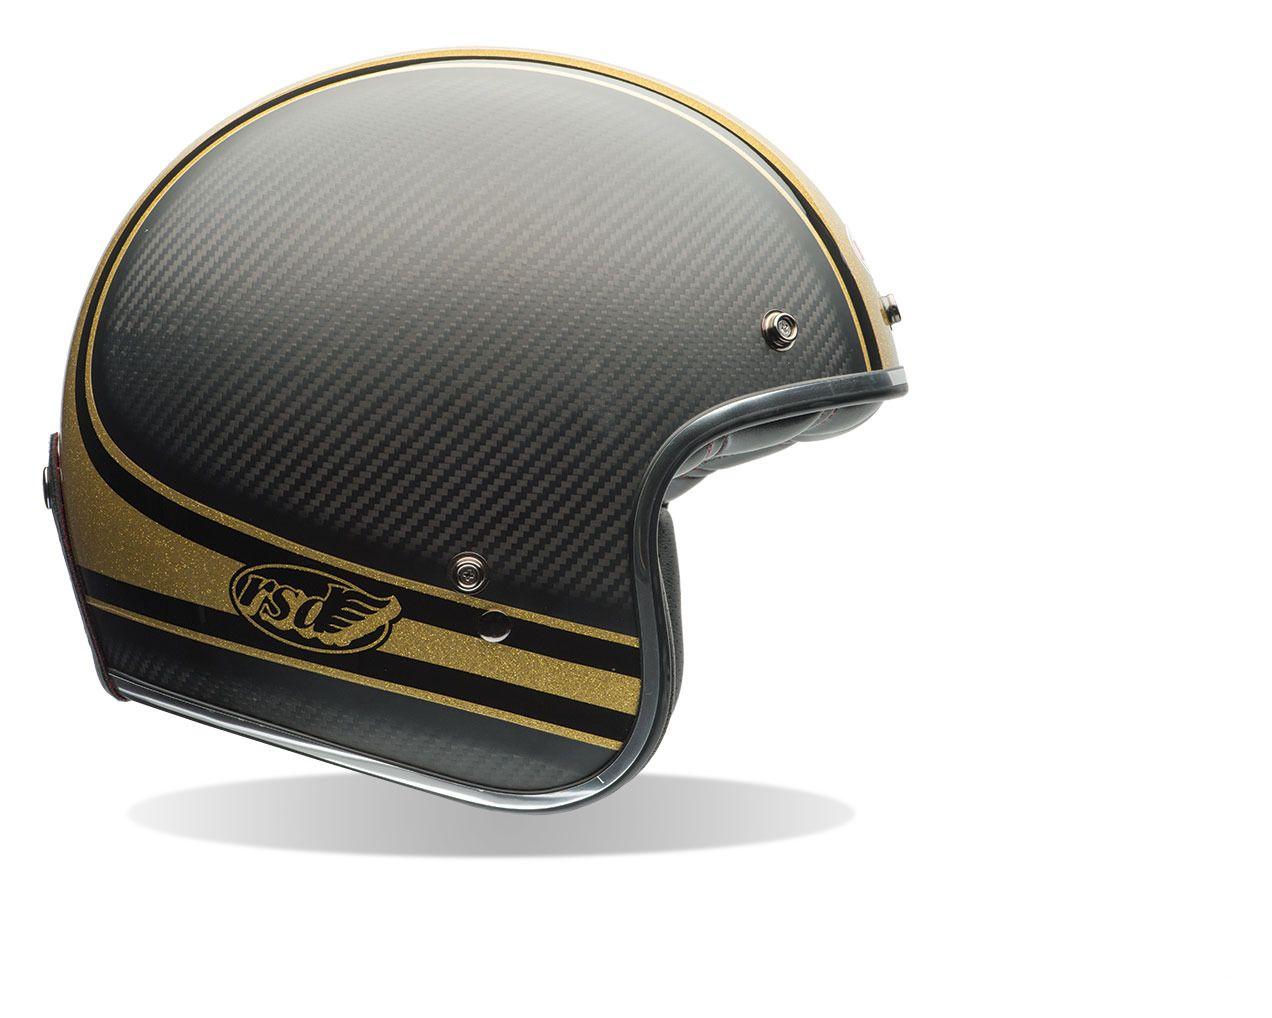 Bell Custom 500 Carbon Rsd Bomb Helmet Revzilla